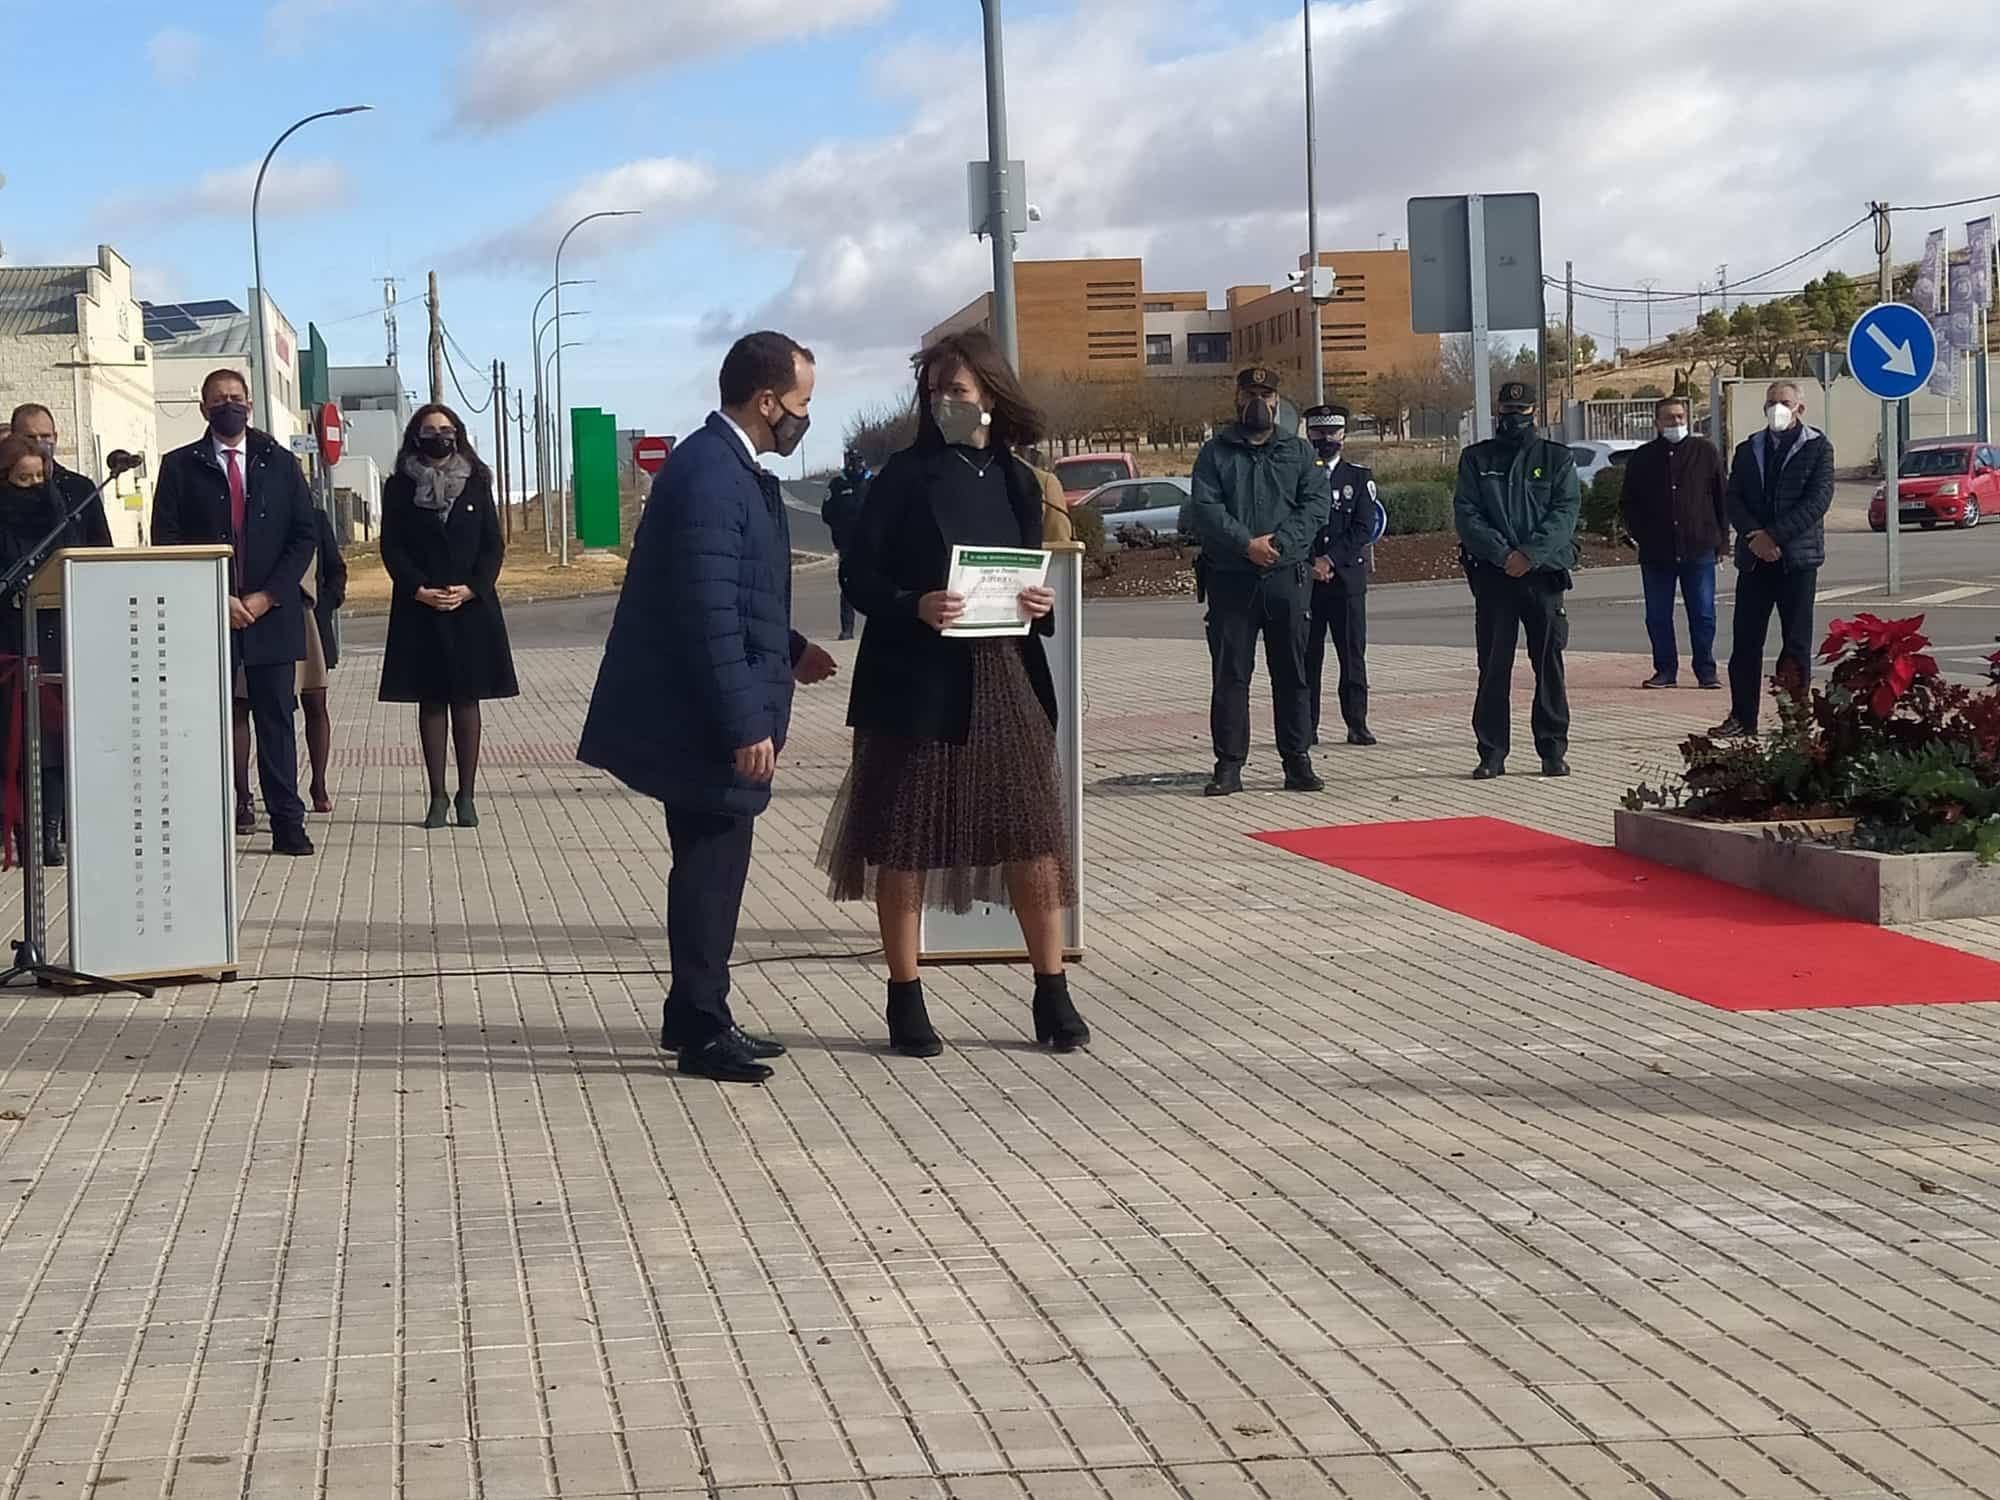 Herencia celebra el 42º Aniversario de la Constitución Española 29